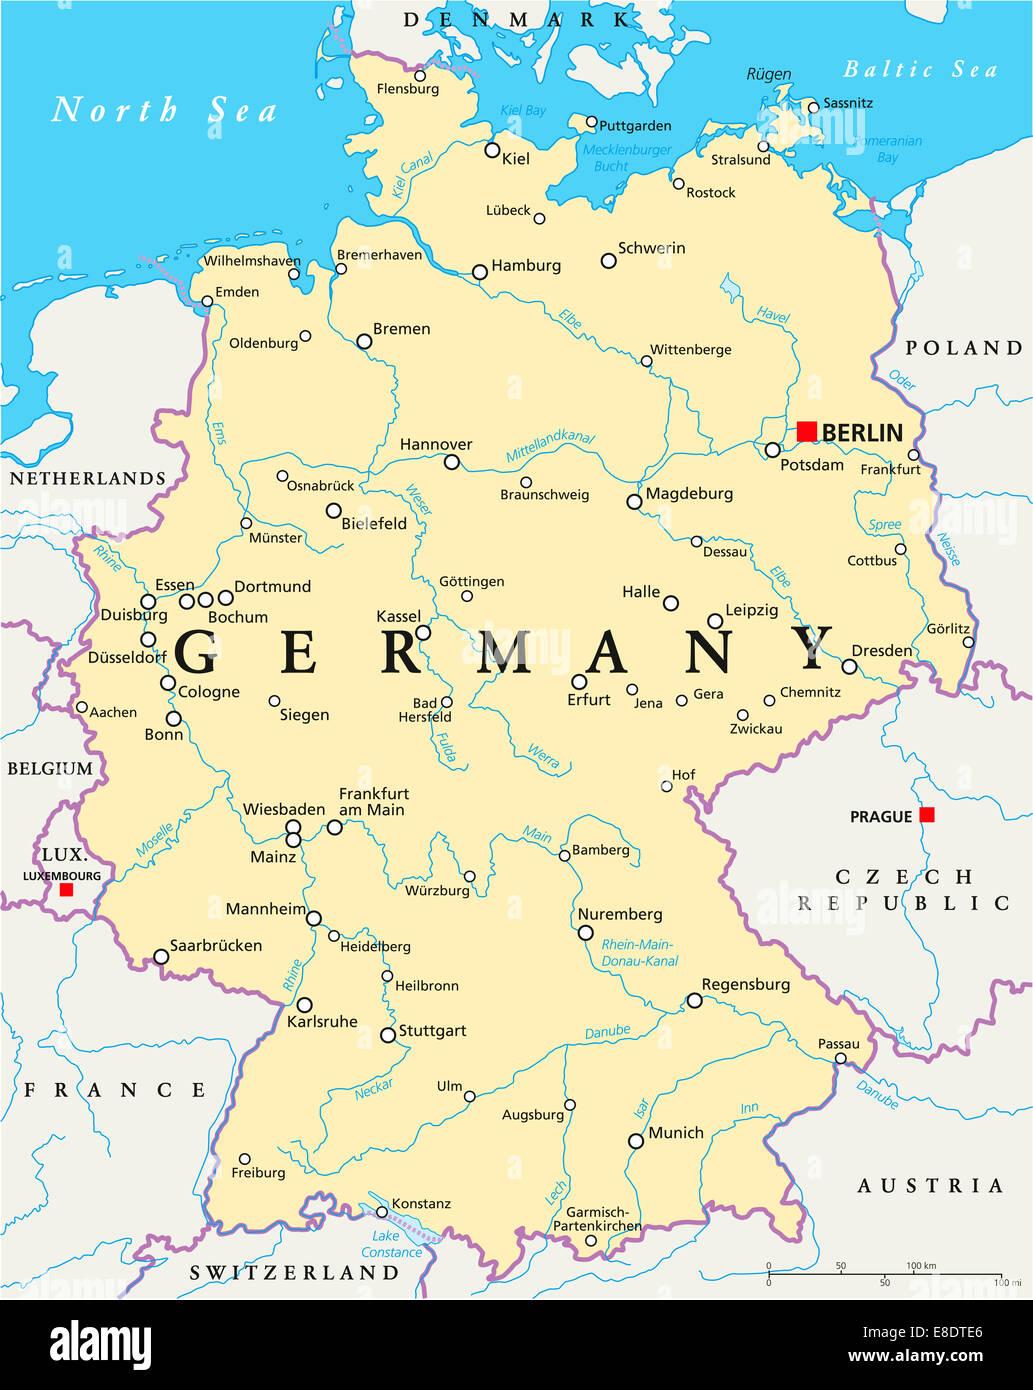 Fiumi Germania Cartina.Germania Mappa Politico Con Capitale Berlino Confini Nazionali Piu Importanti Citta Fiumi E Laghi Etichetta Inglese Scaling Foto Stock Alamy